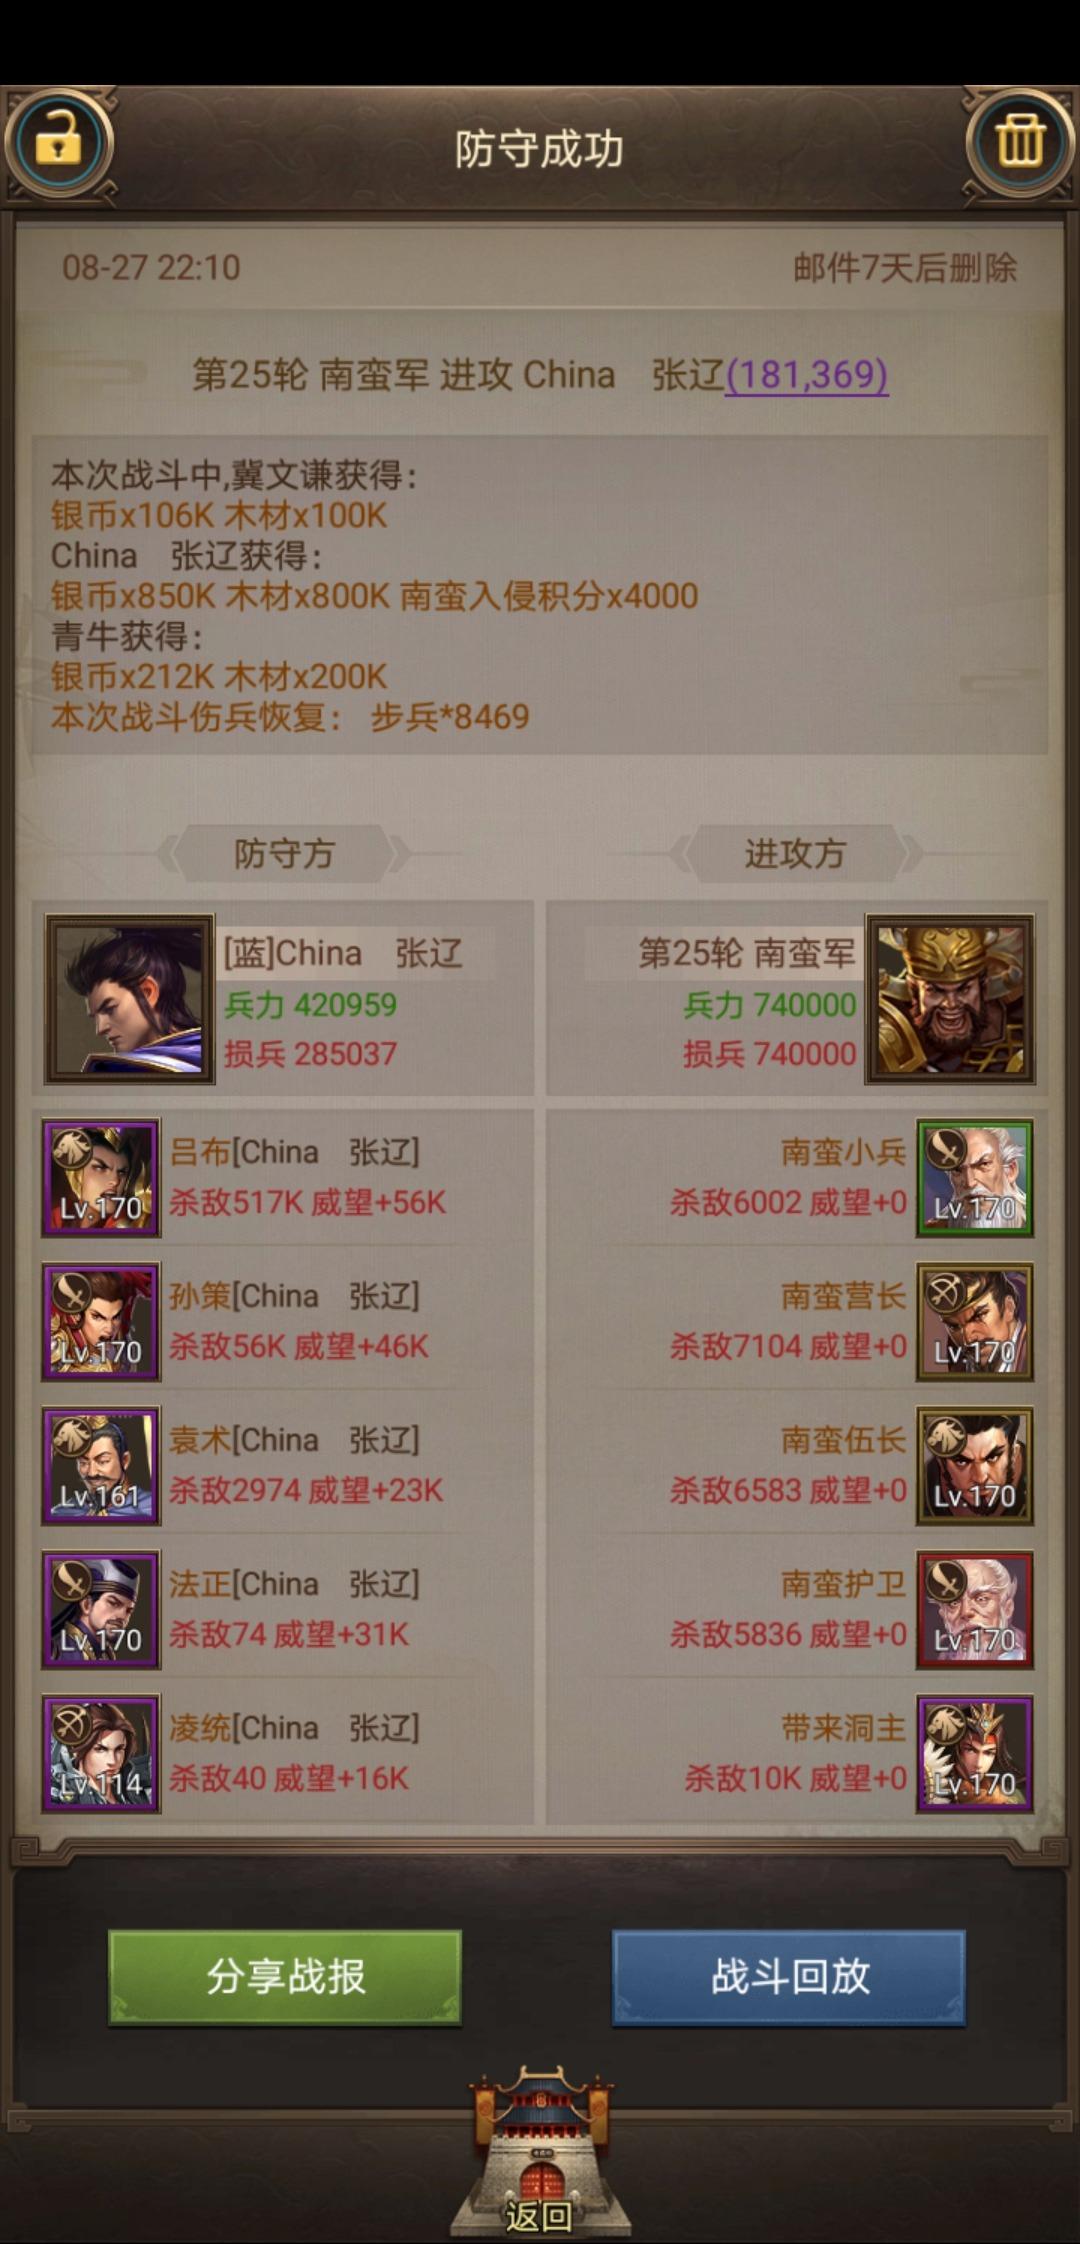 Screenshot_20200827_221135_juedi.tatuyin.rxsg.huawei.jpg